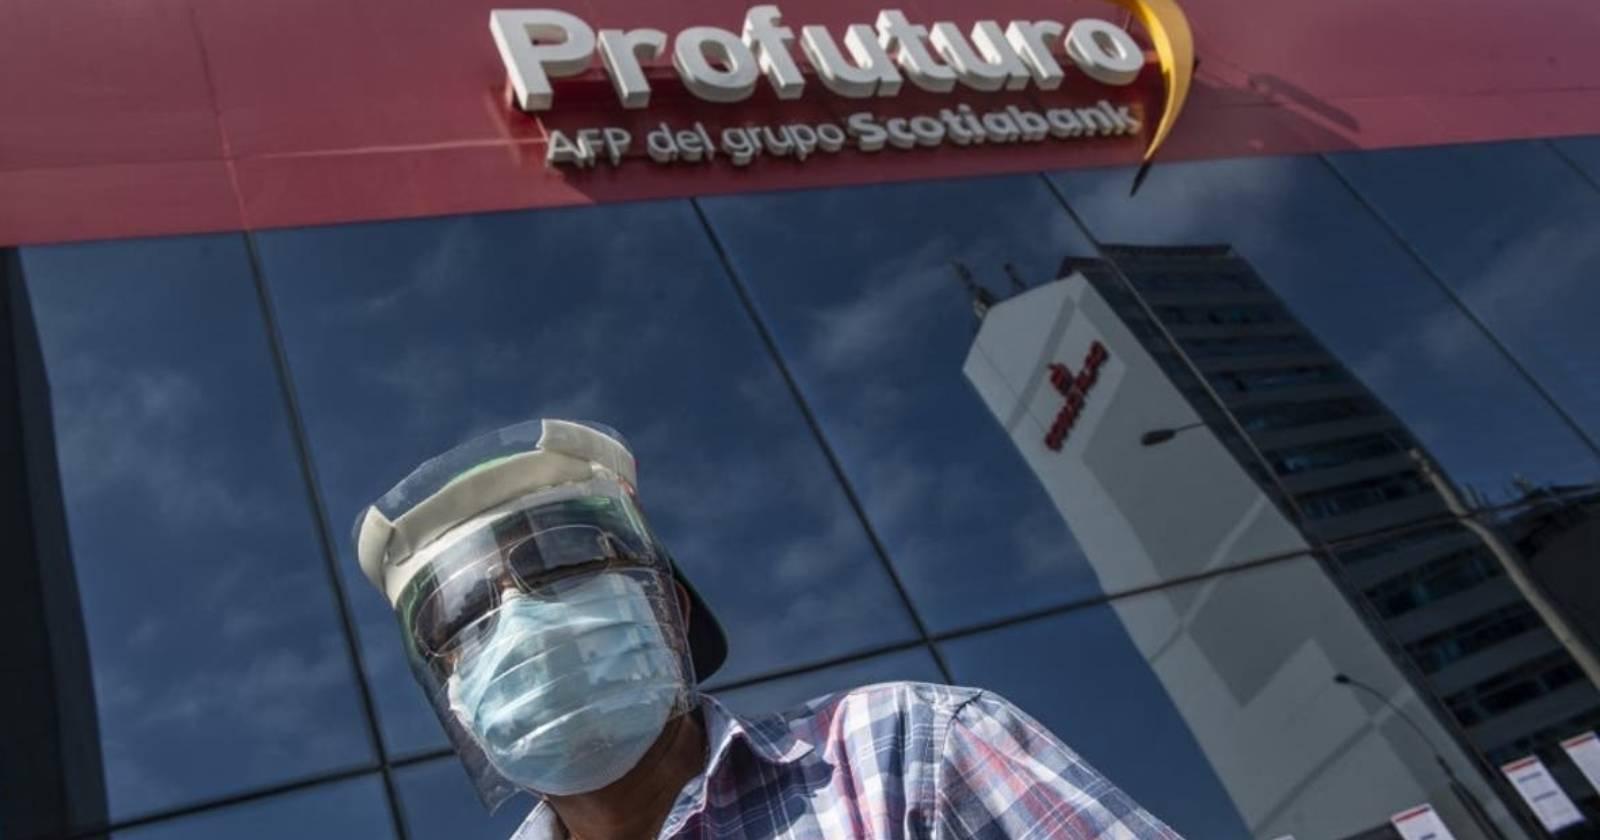 Ex presidente de Perú firmó ley para retiro de fondos de la AFPantes de dejar el cargo